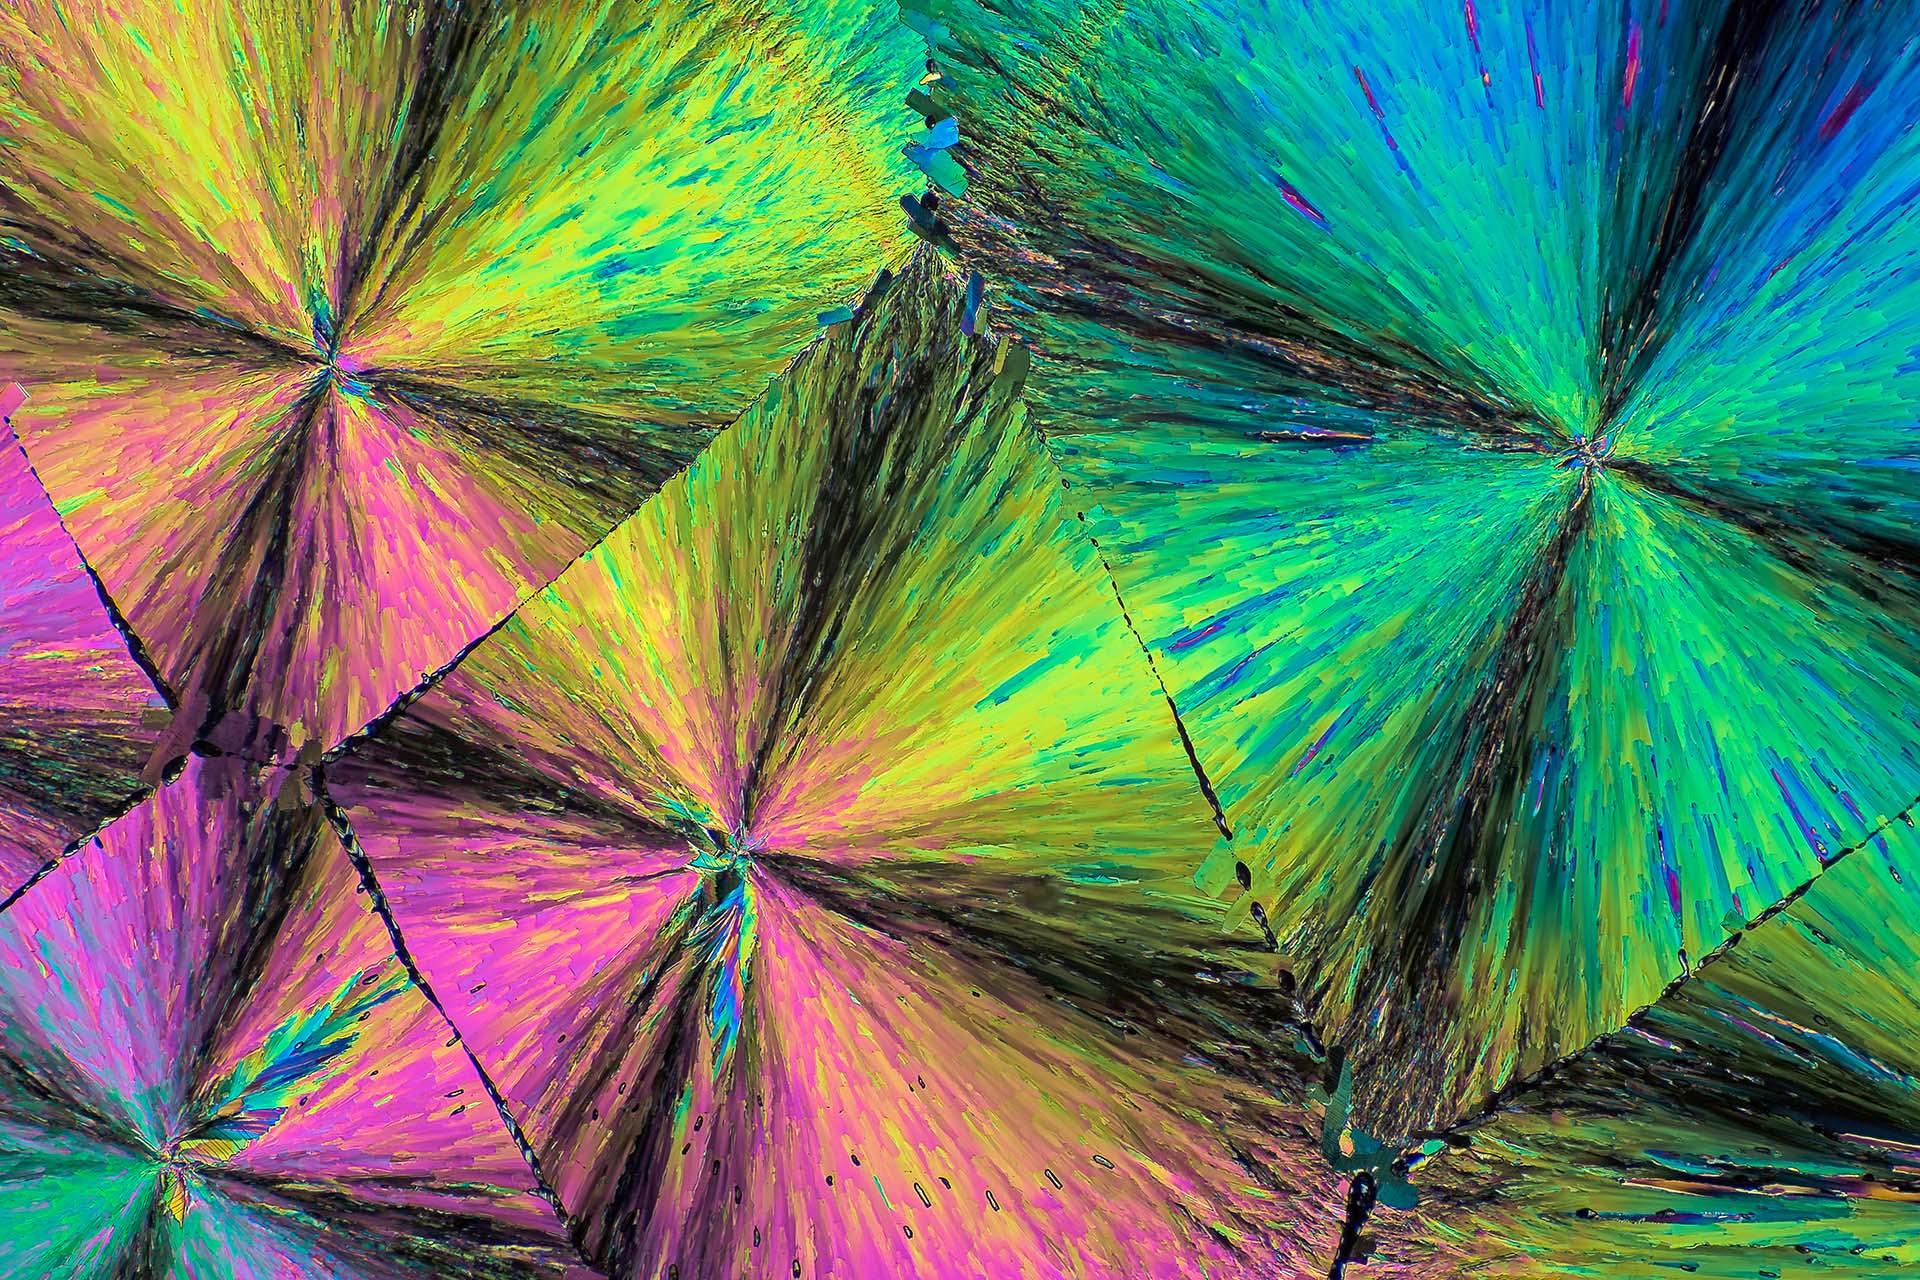 Paracetamol in einer Vergrößerung von 120:1, Mikro Kristall im polarisierten Licht.